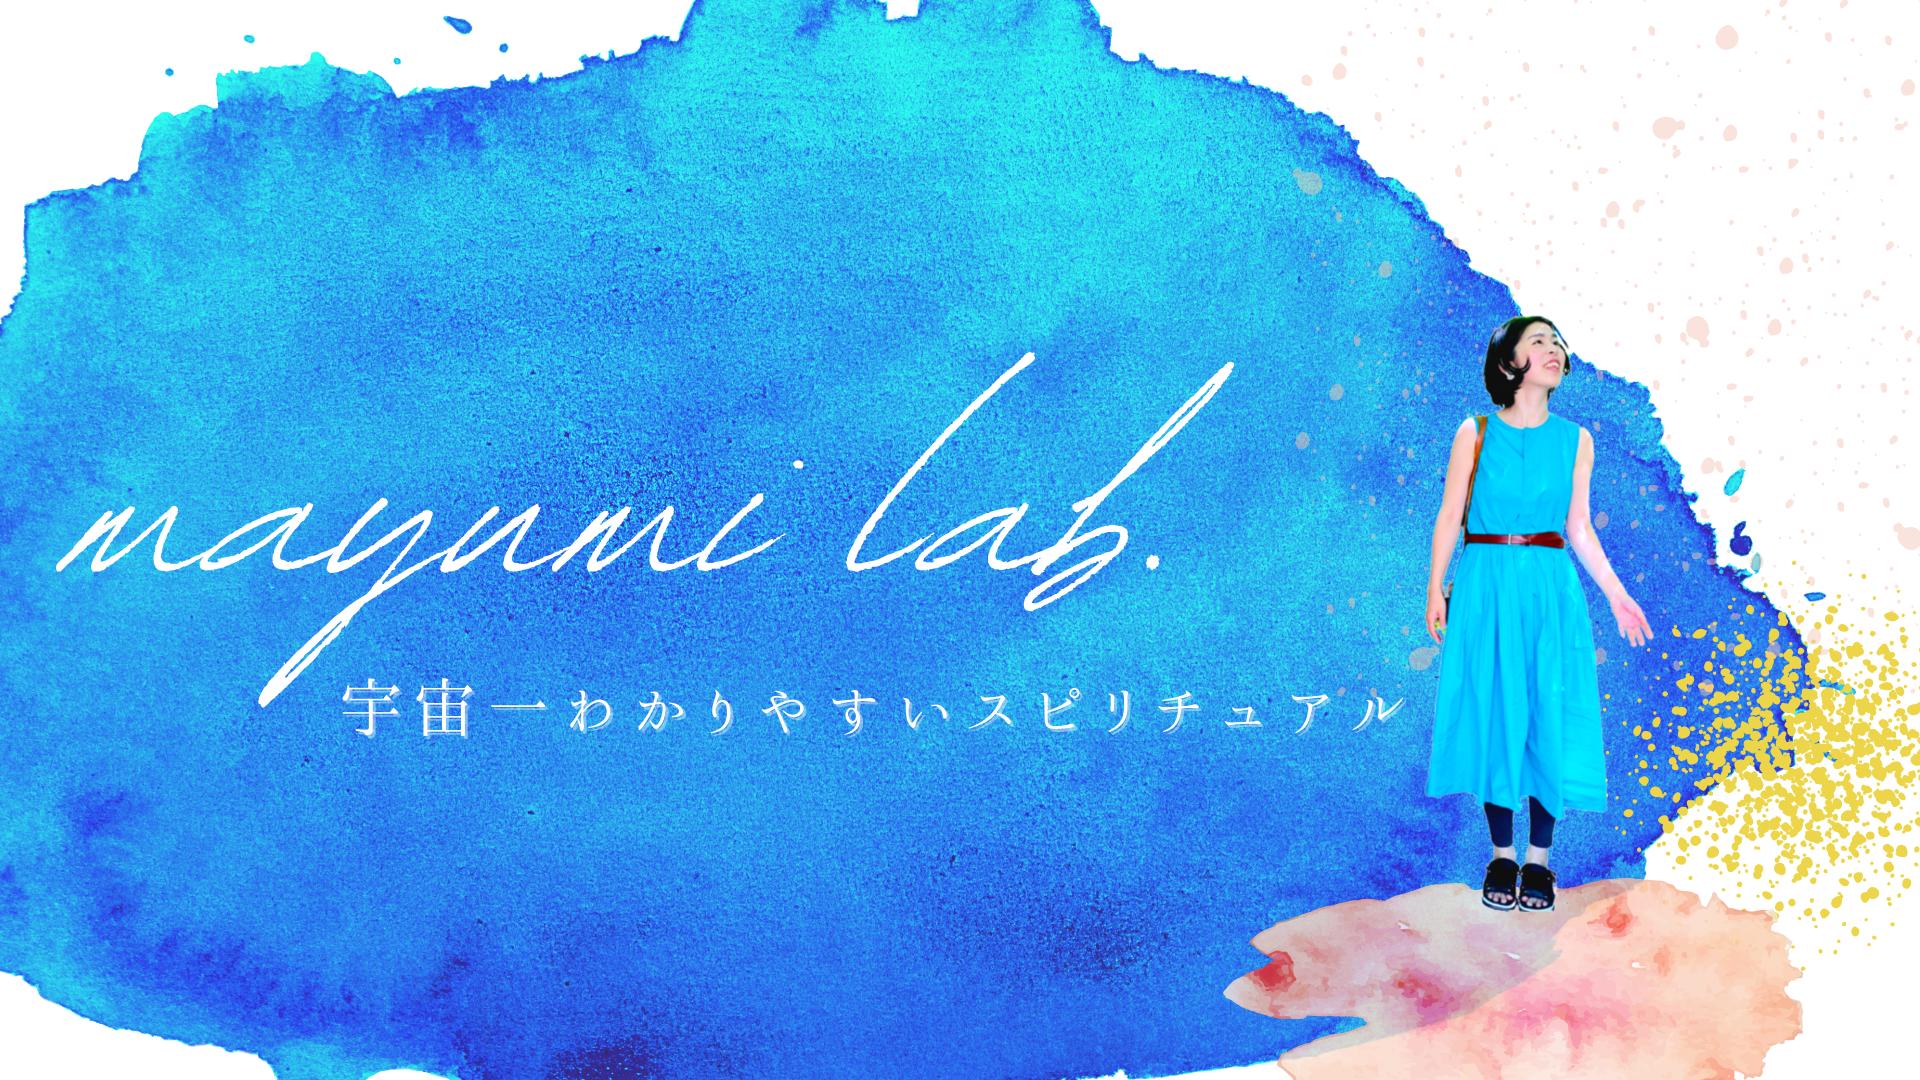 mayumi lab. 宇宙一わかりやすいスピリチュアル